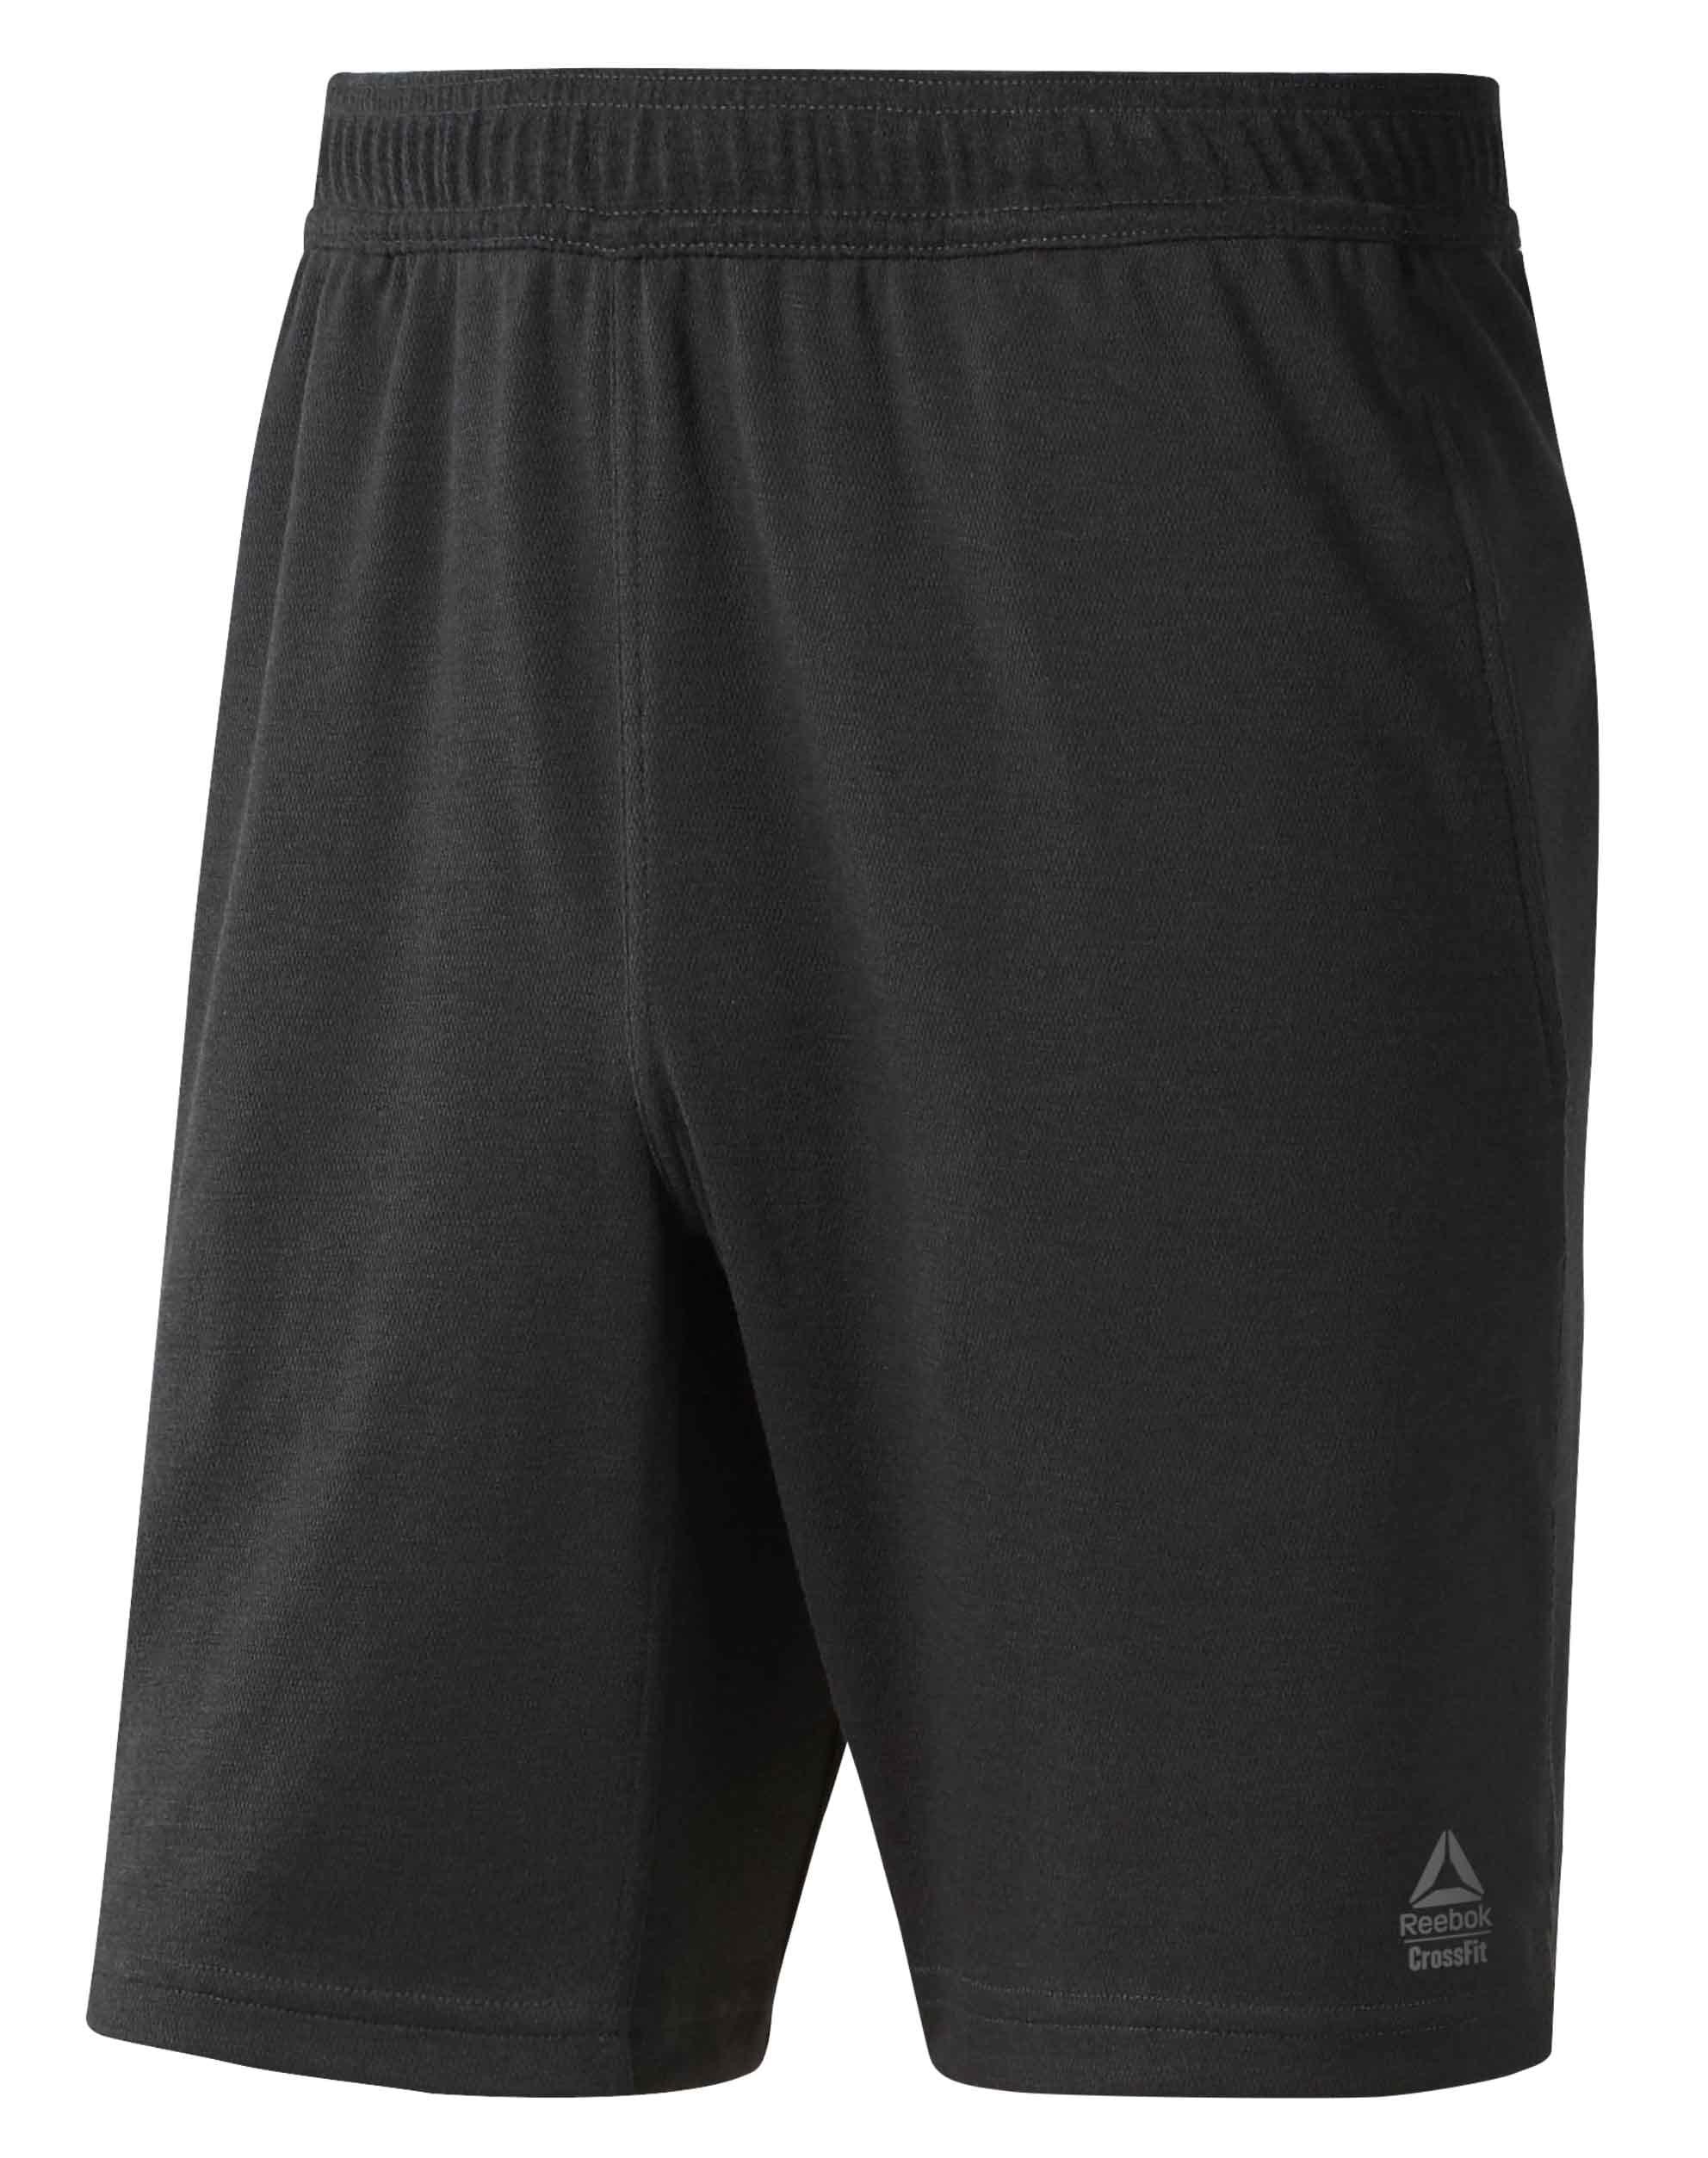 crossfit-shorts-speedwick